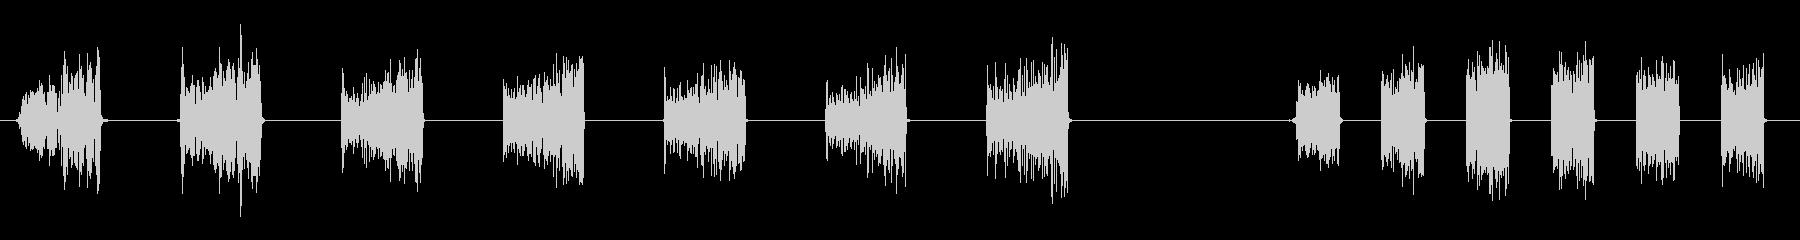 宇宙ロボットのコミュニケーションア...の未再生の波形